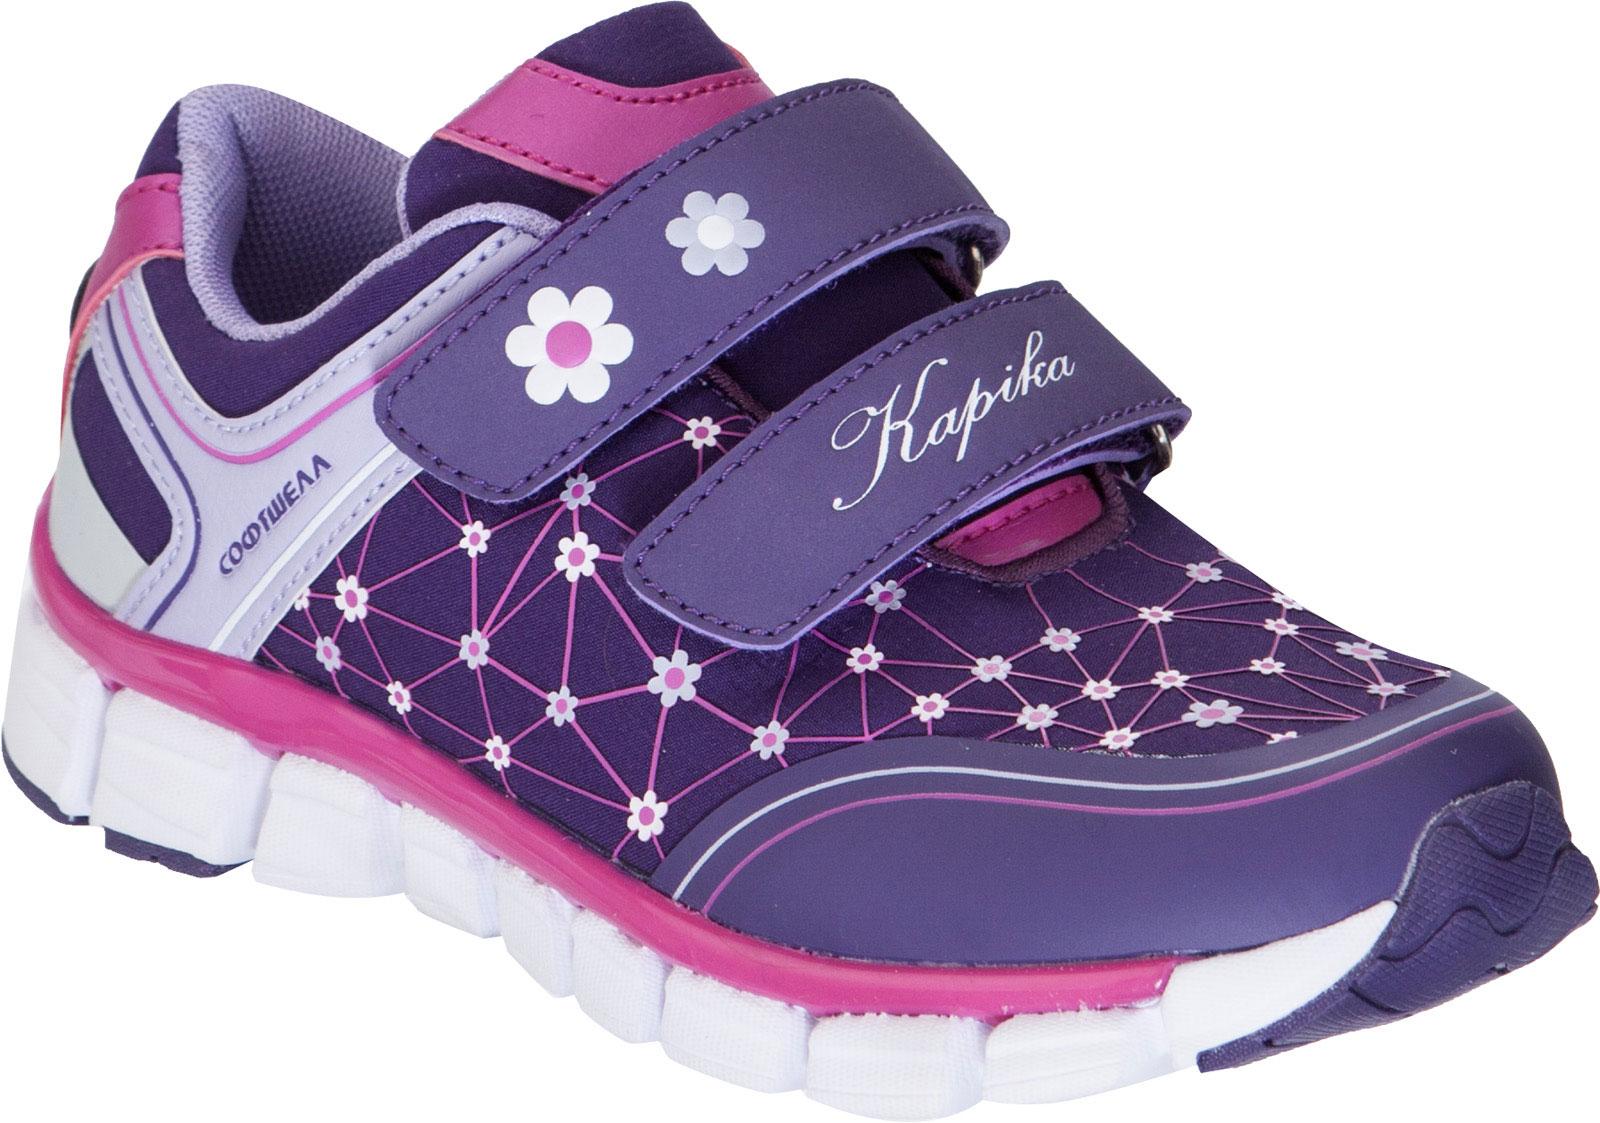 Кроссовки для девочки Kapika, цвет: фиолетовый. 73342. Размер 3373342Кроссовки от Kapika займут достойное место в гардеробе вашего ребенка! Модель изготовлена из текстиля и искусственной кожи. Хлястики на липучках, обеспечивают надежную фиксацию обуви на ноге. Внутренняя поверхность из текстиля, обеспечивает комфорт и предотвращает натирание. Стелька из кожи и текстиля сохраняет комфортный микроклимат в обуви. Рифленая поверхность подошвы защищает изделие от скольжения. Стильные и в то же время удобные кроссовки - необходимая вещь в гардеробе каждого ребенка.